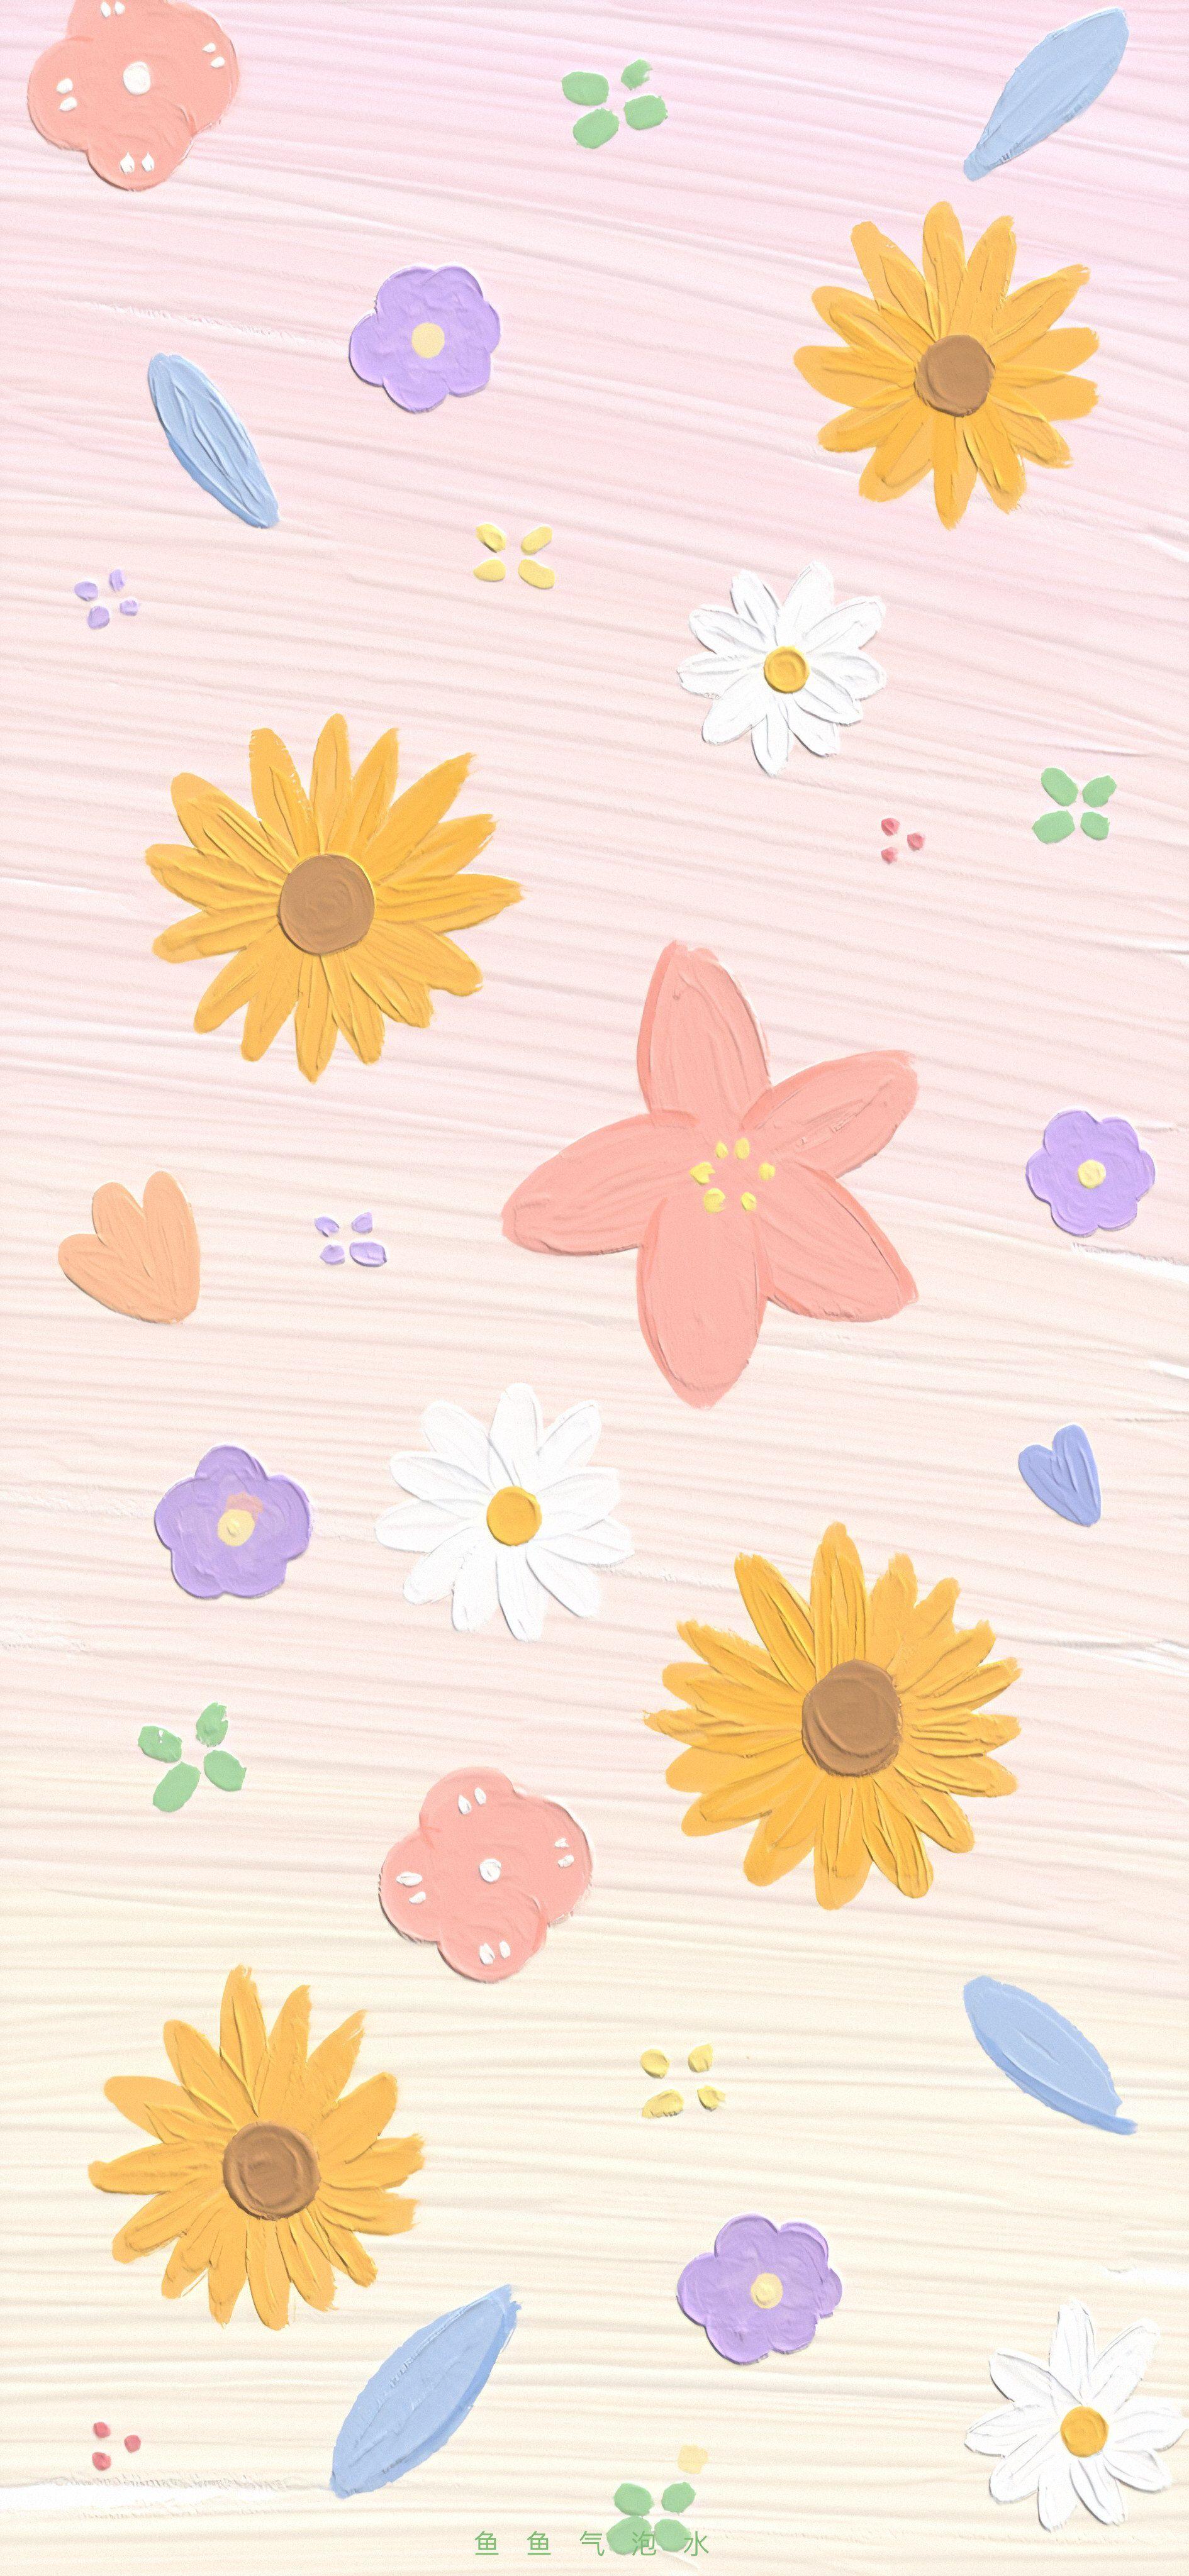 Pin Oleh Libni Di Etc Wallpaper Kartun Seni Abstrak Poster Bunga Coolest cempaka flower wallpaper